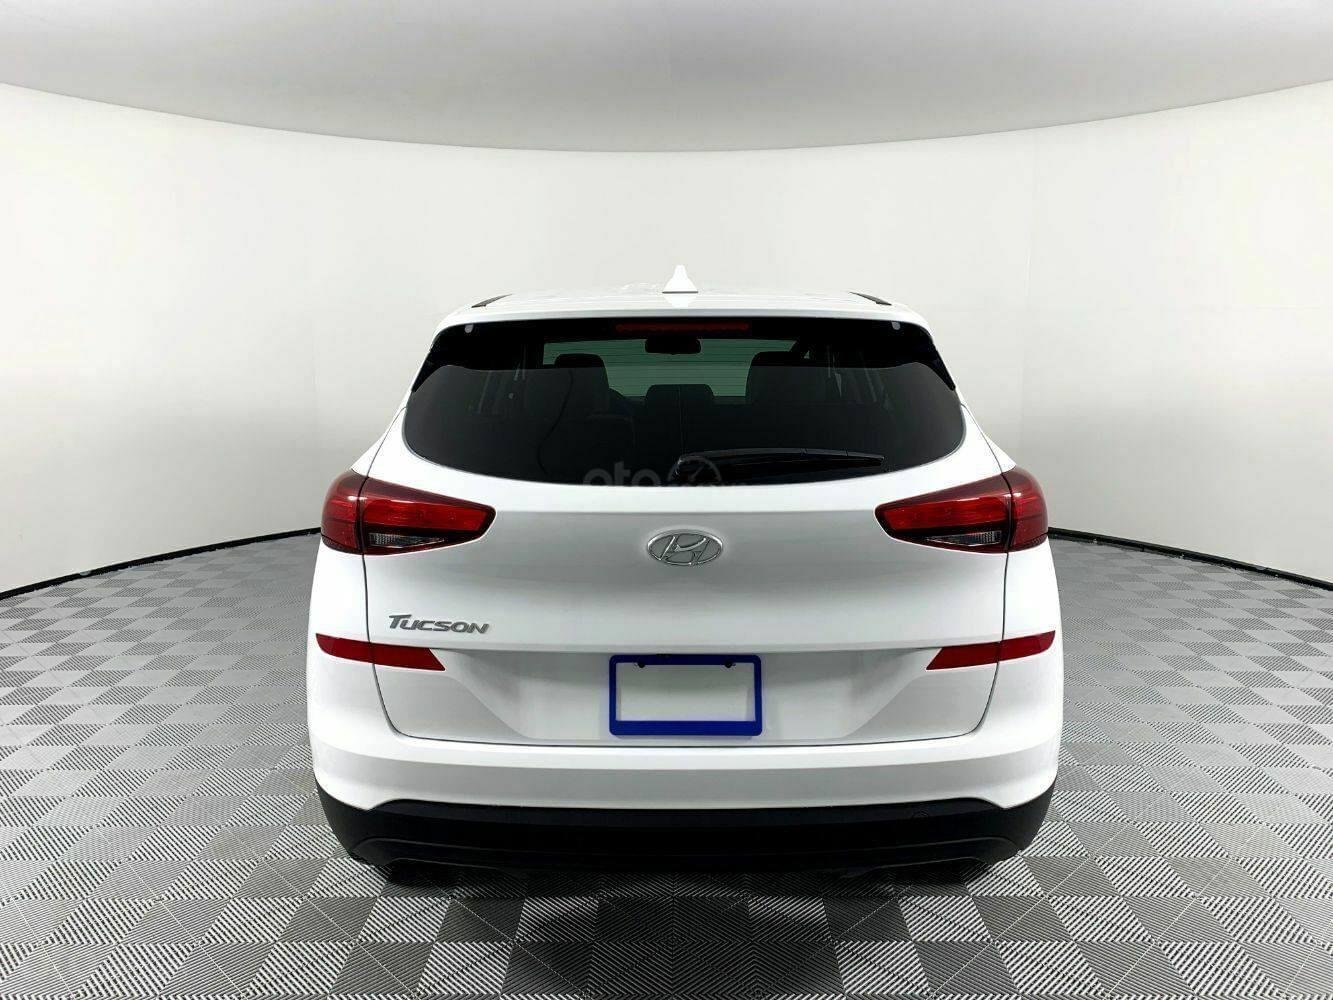 [TPHCM] Hyundai Tucson sẵn kho, đủ màu, hỗ trợ vay lên đến 85%+ chương trình khuyến mãi hấp dẫn (2)